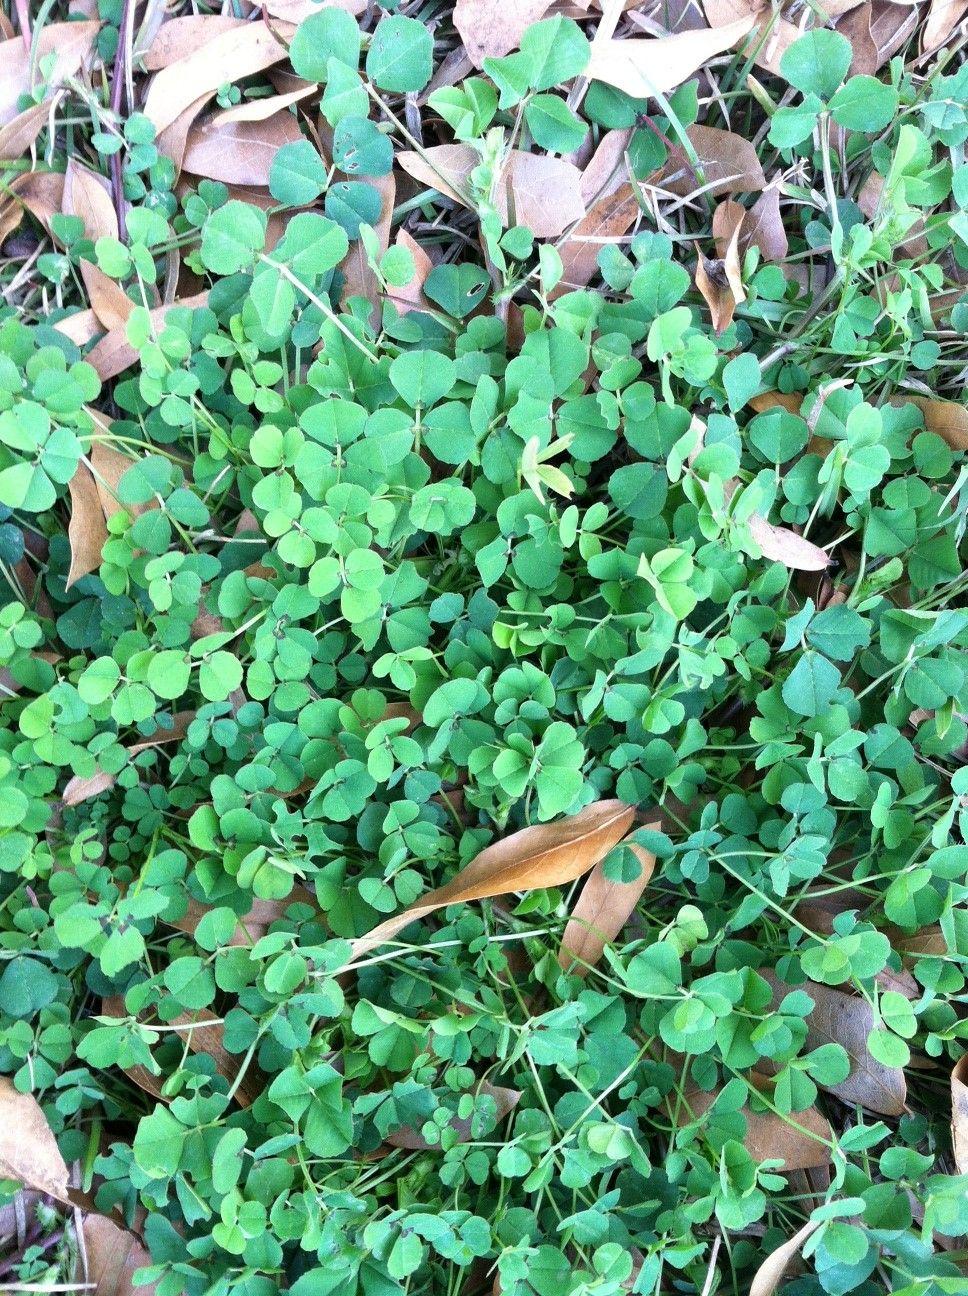 Common Broad Leaf Weeds Found In Savannah Georgia Lawn Weeds In